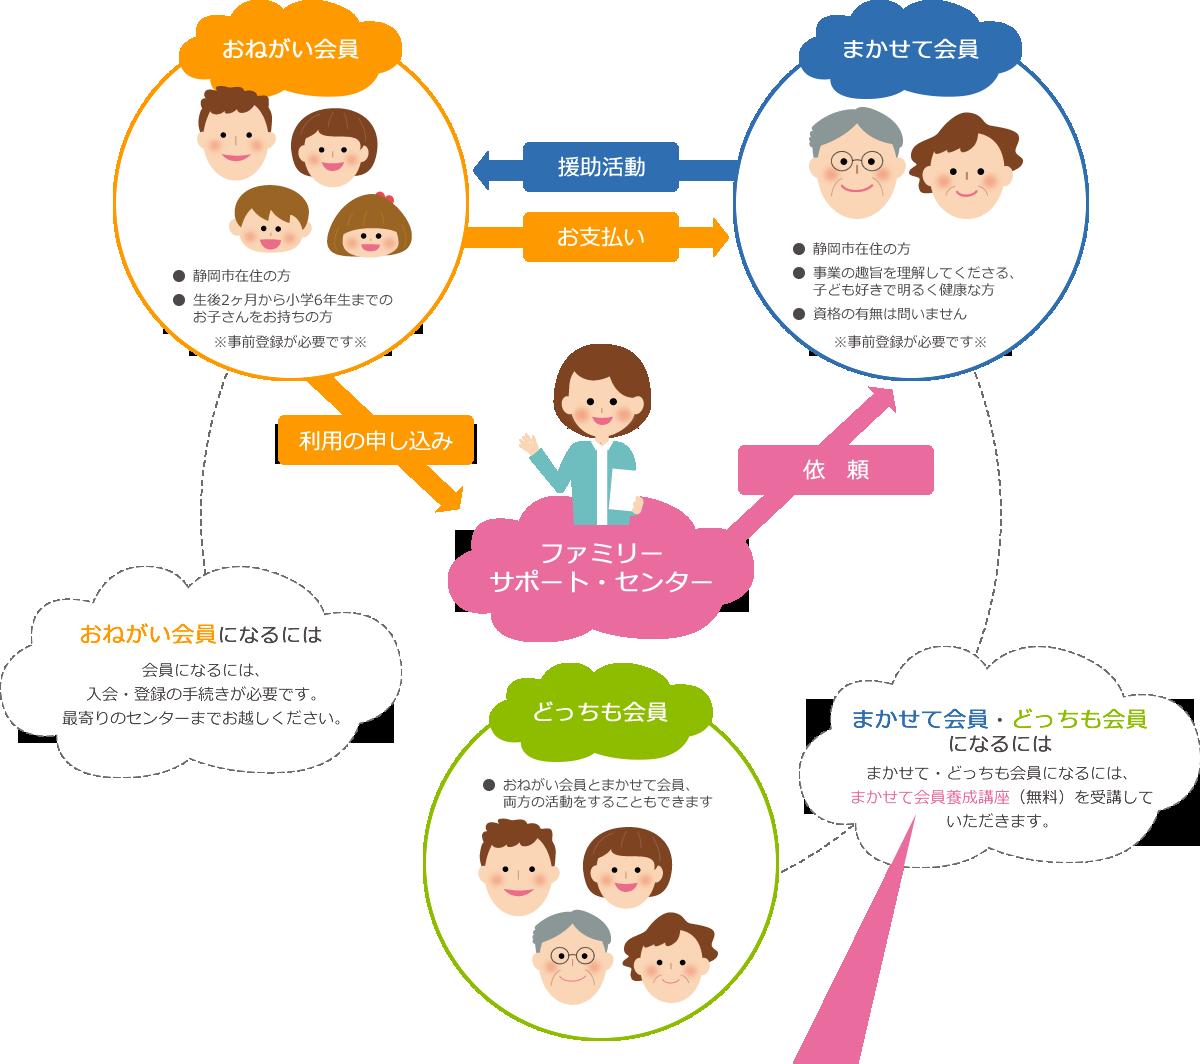 お願い会員は、静岡市在住の方、生後2か月から小学6年生までのお子さんをお持ちの方が対象です。お願い会員になるには事前に入会登録の手続きが必要です。最寄りのセンターまでお越しください。まかせて会員は、静岡市在住で、事業の趣旨を理解してくださる、子ども好きで明るく健康な方が対象です。資格の有無は問いません。まかせて会員になるには事前登録が必要です。どっちも会員は、お願い会員とまかせて会員両方の活動をすることができます。まかせて会員、どっちも会員になるには、無料のまかせて会員養成講座を受講していただきます。